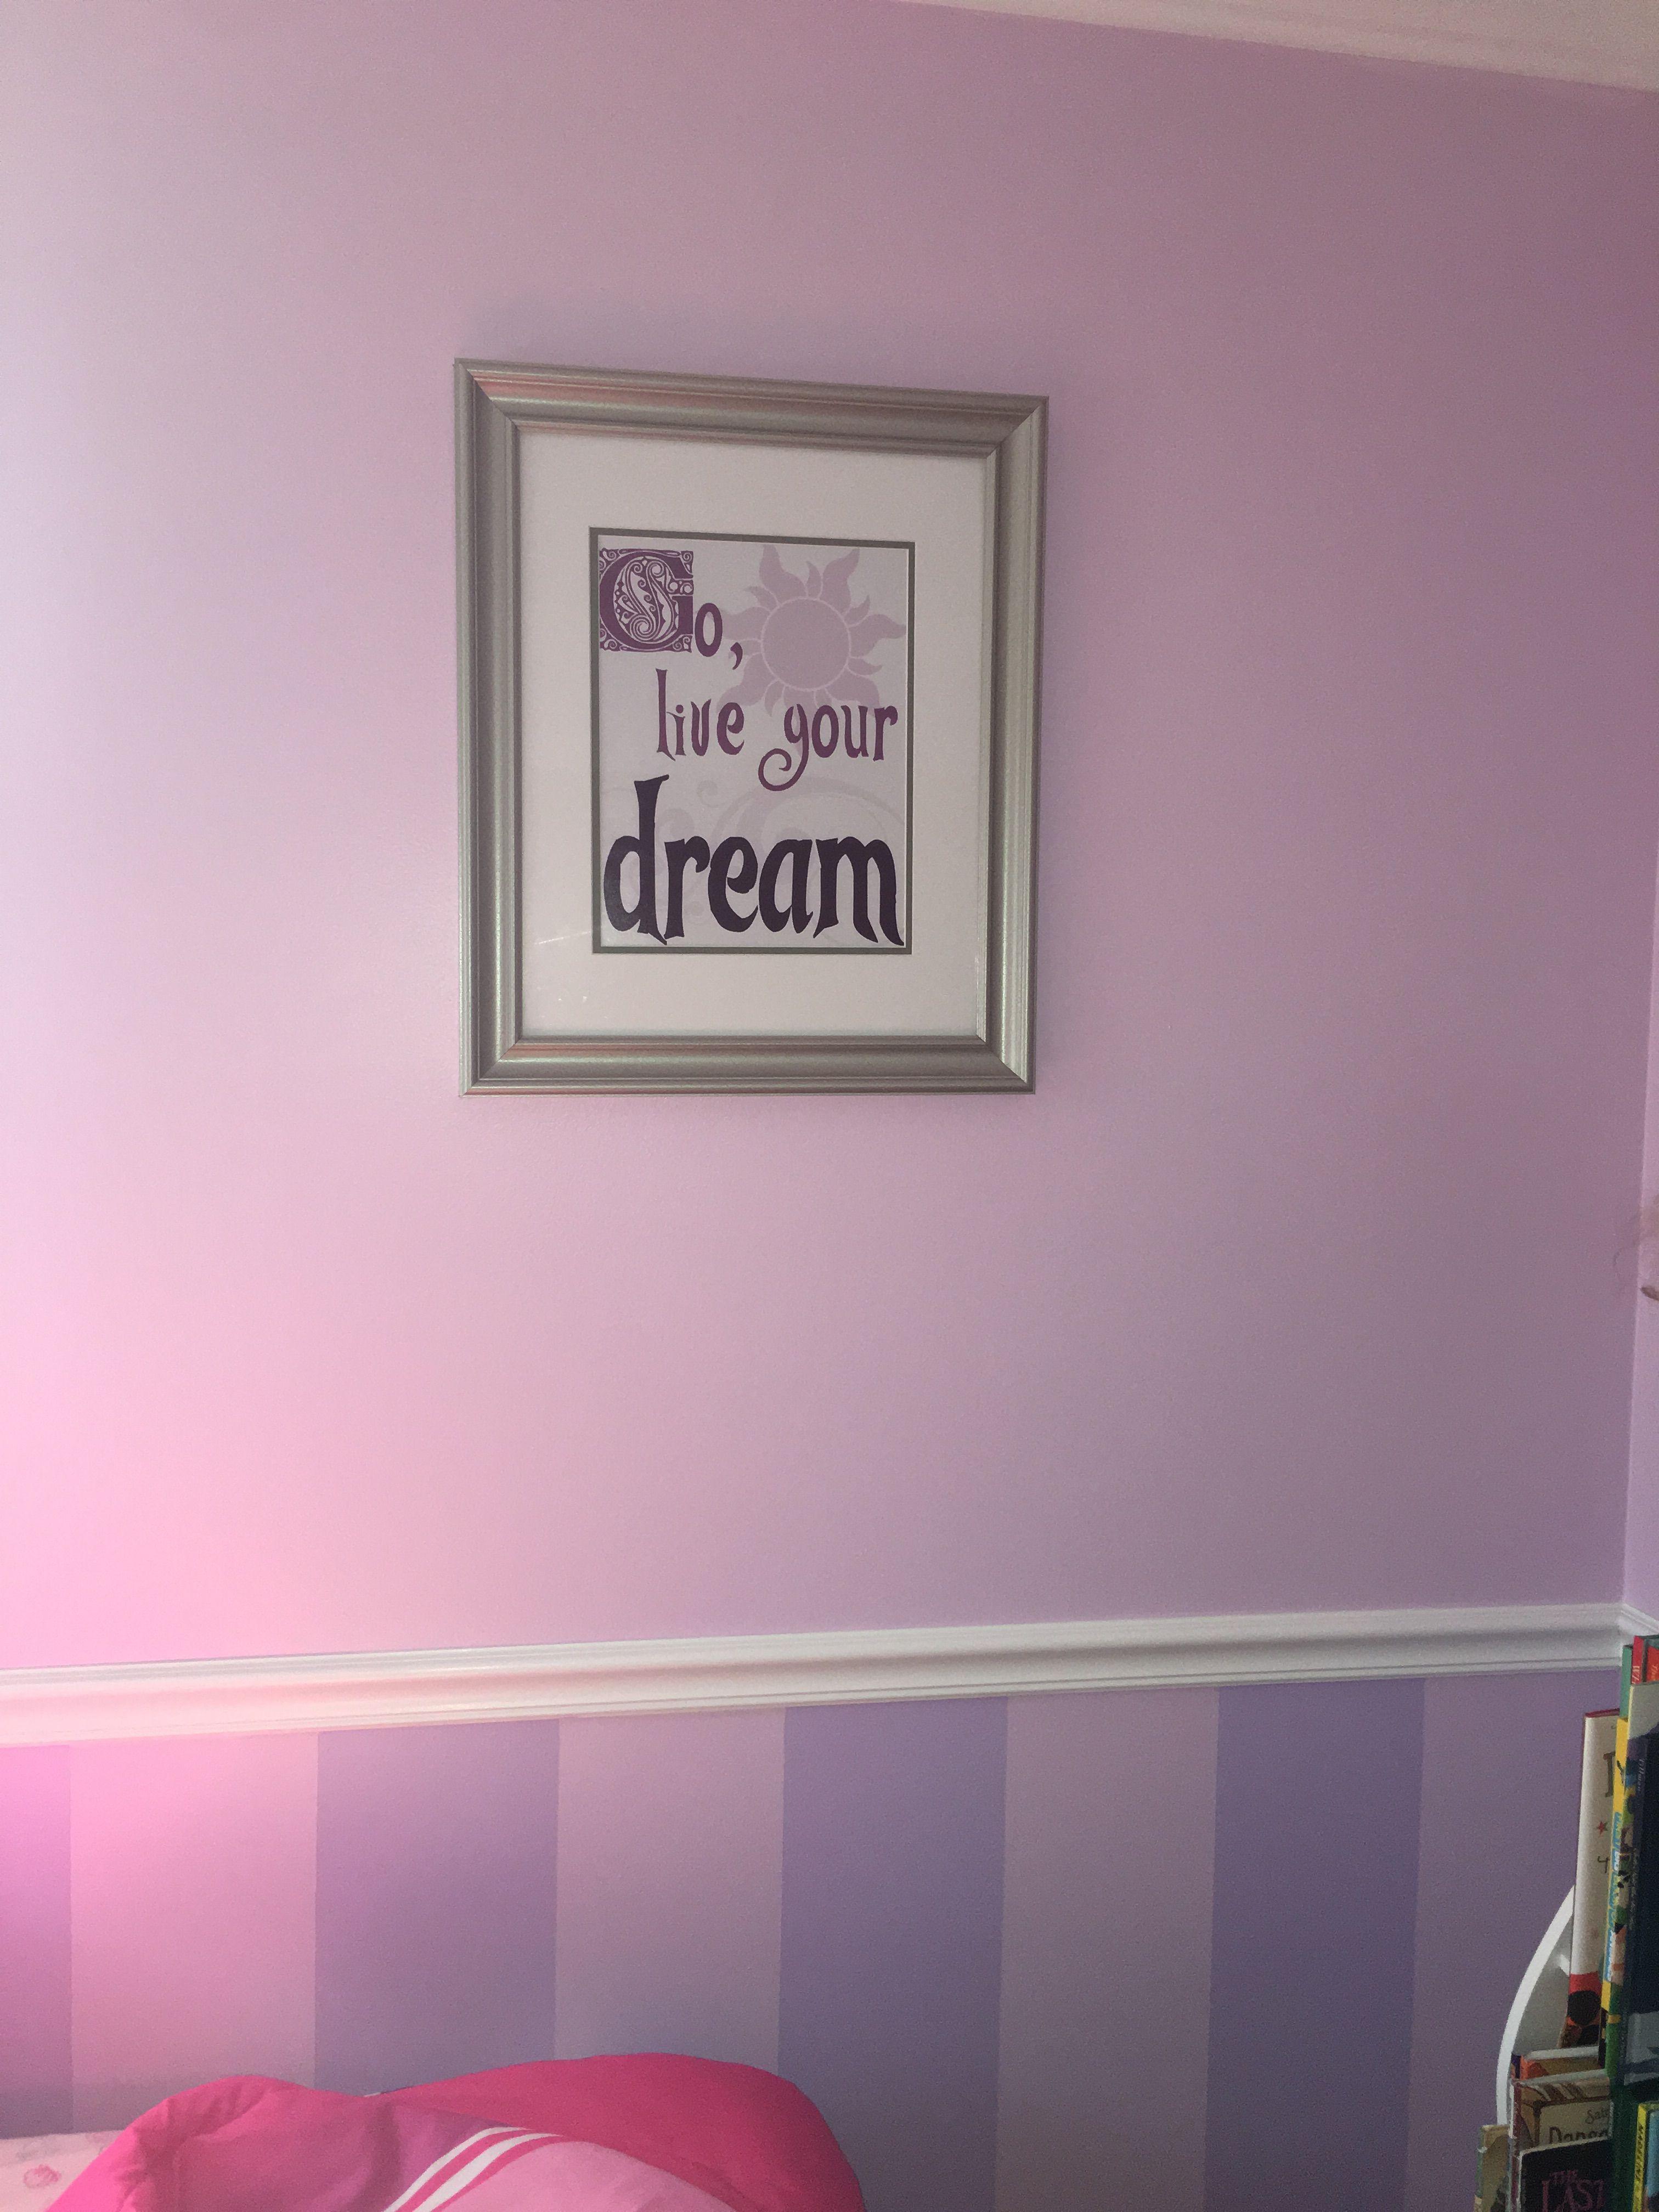 Disney Tangled Rapunzel bedroom wall art quote